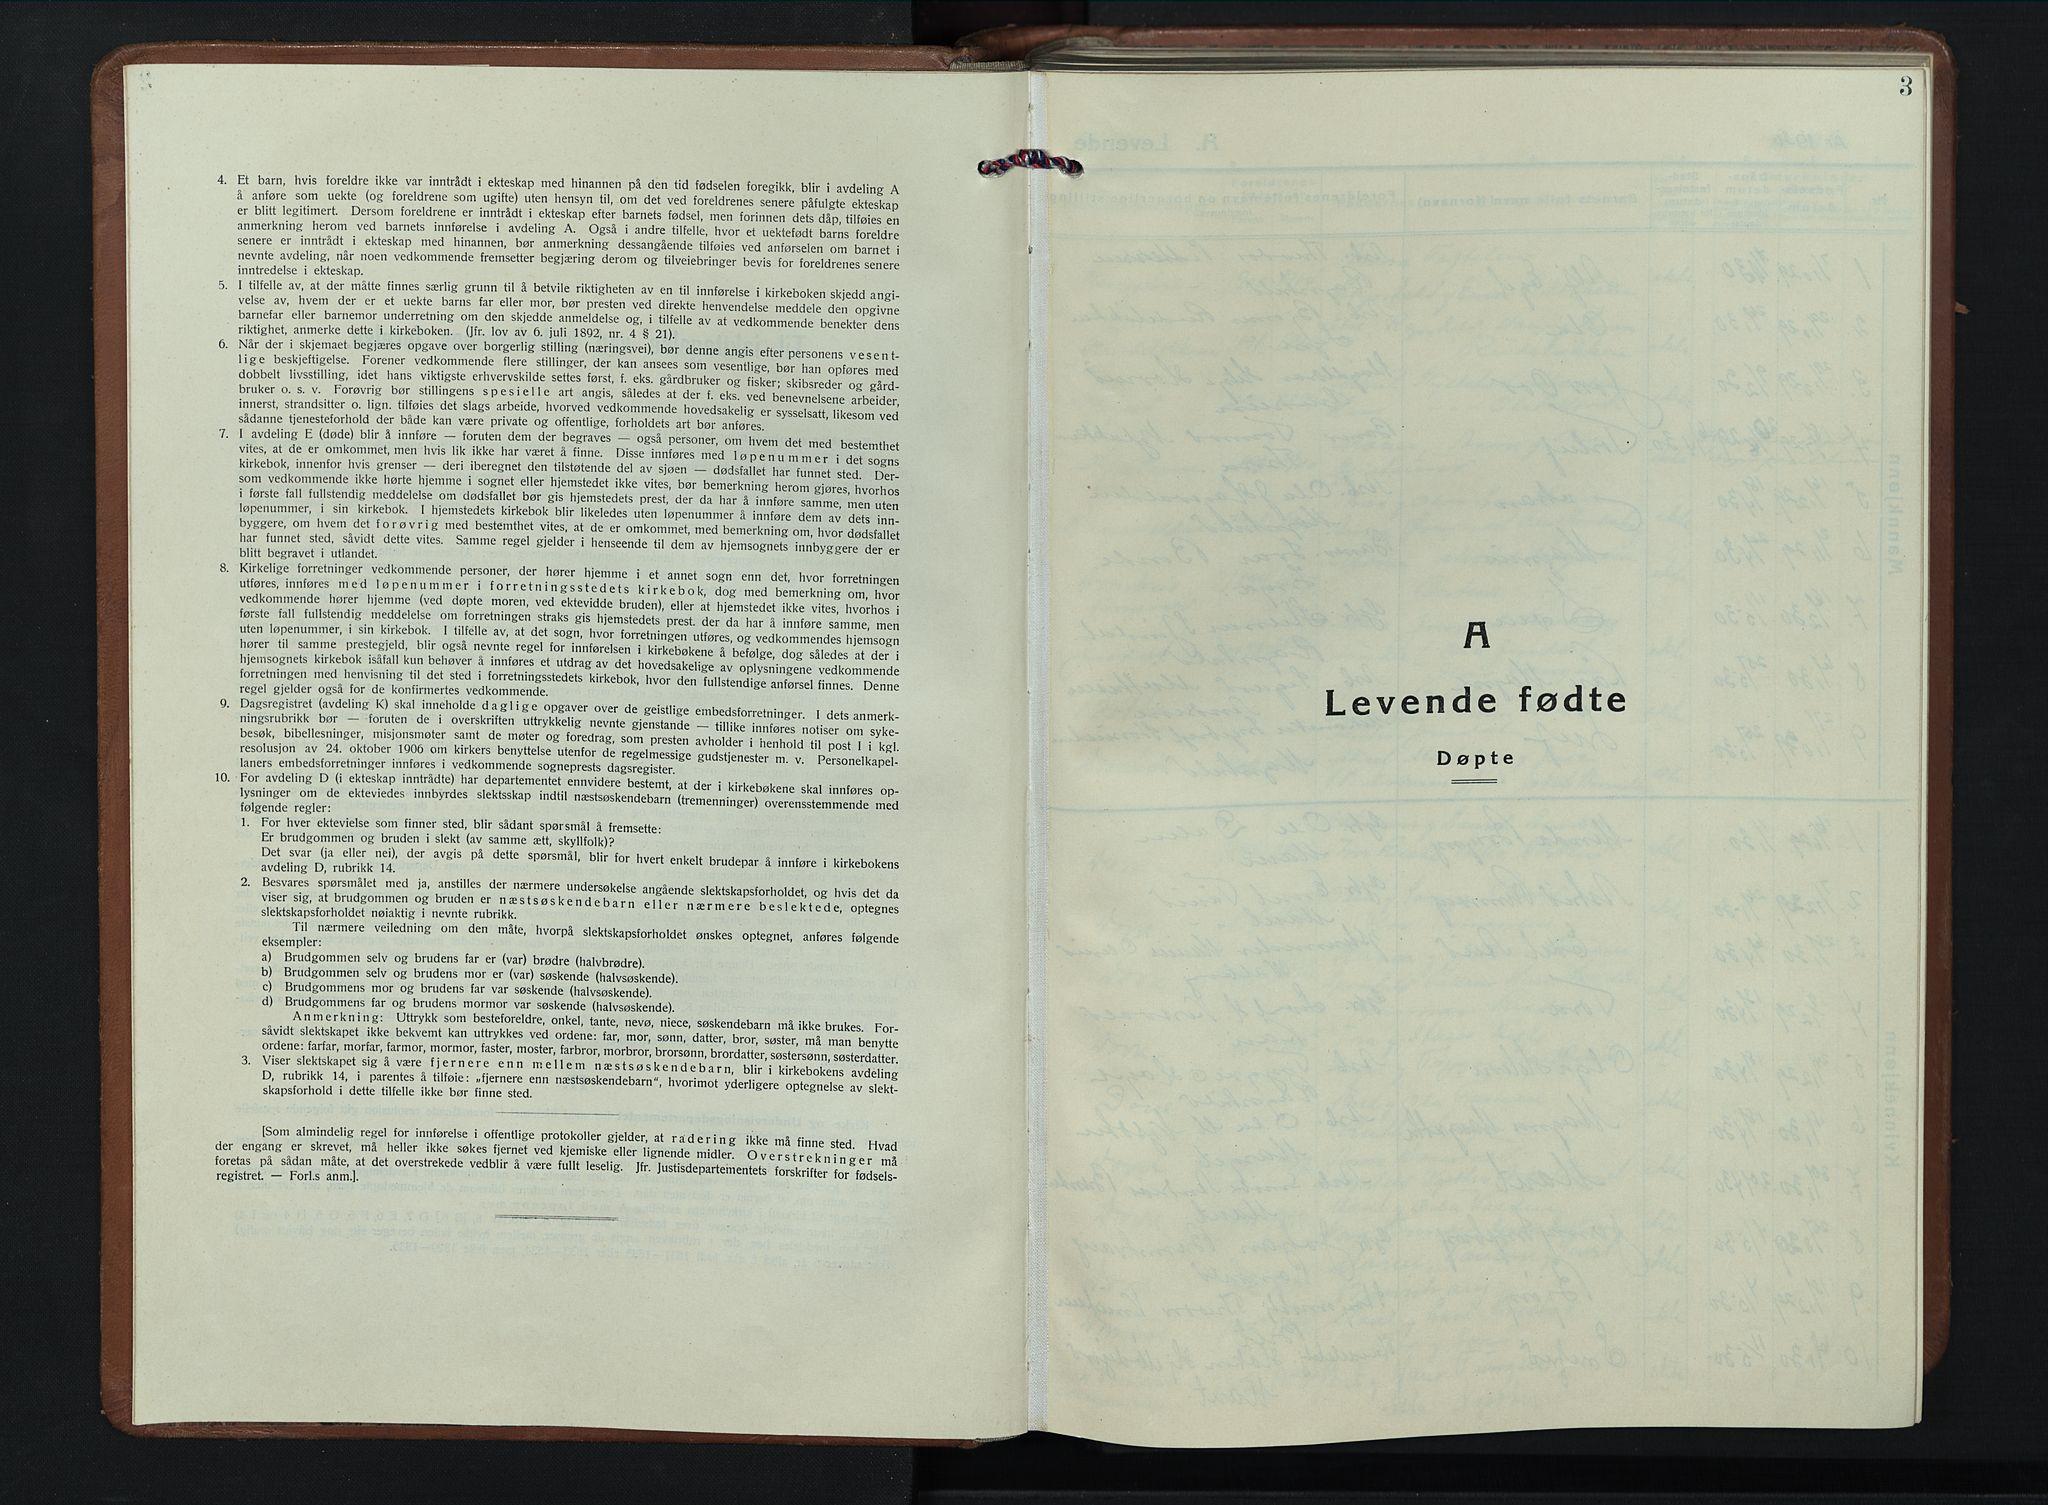 SAH, Dovre prestekontor, Klokkerbok nr. 4, 1926-1949, s. 3